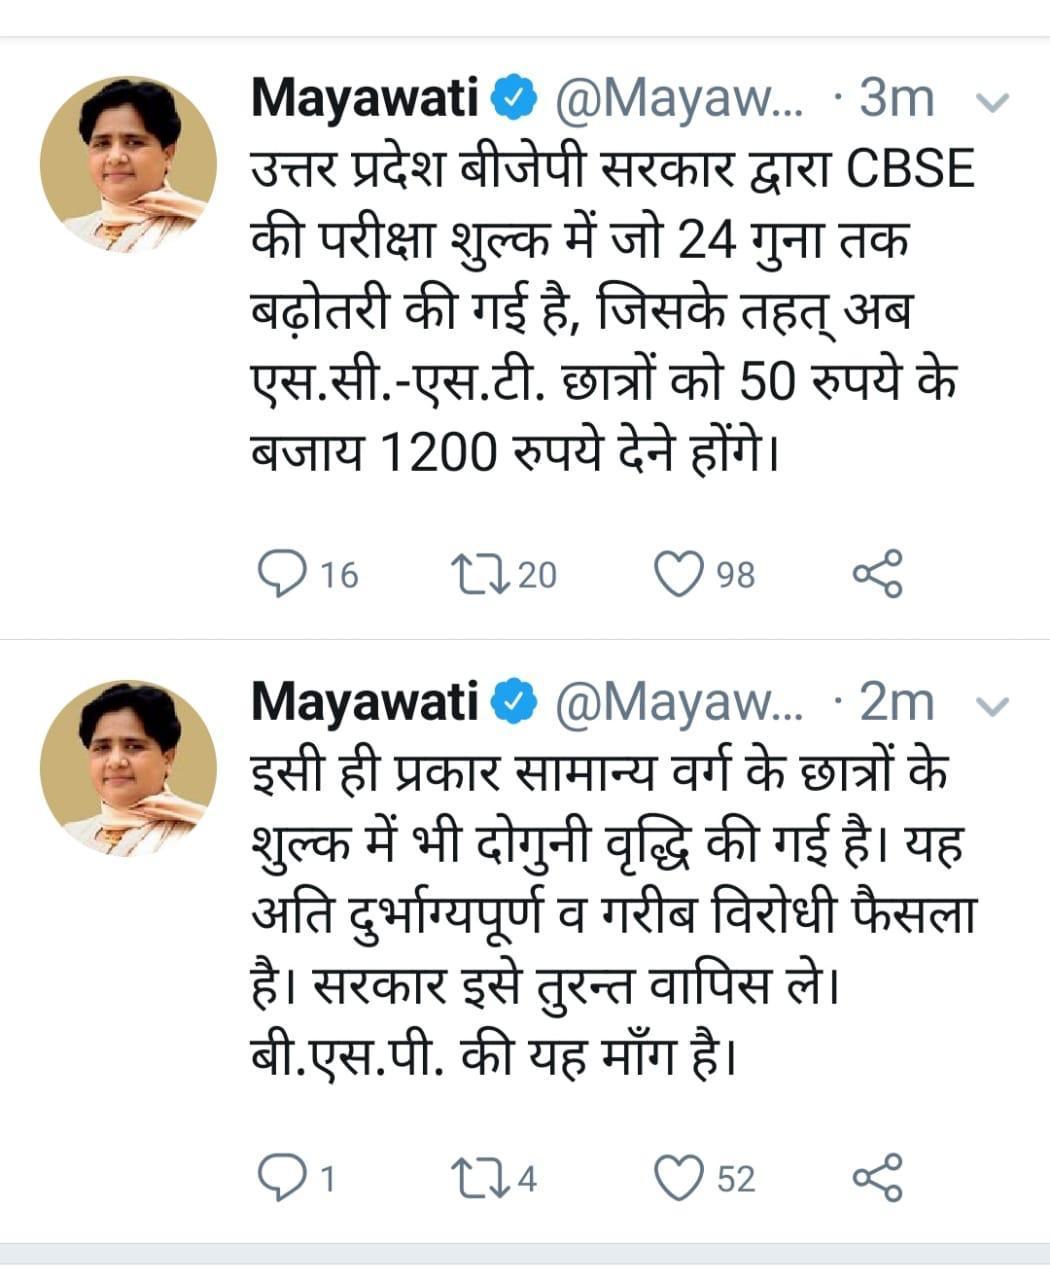 mayawati cbse exam fee hike tweet